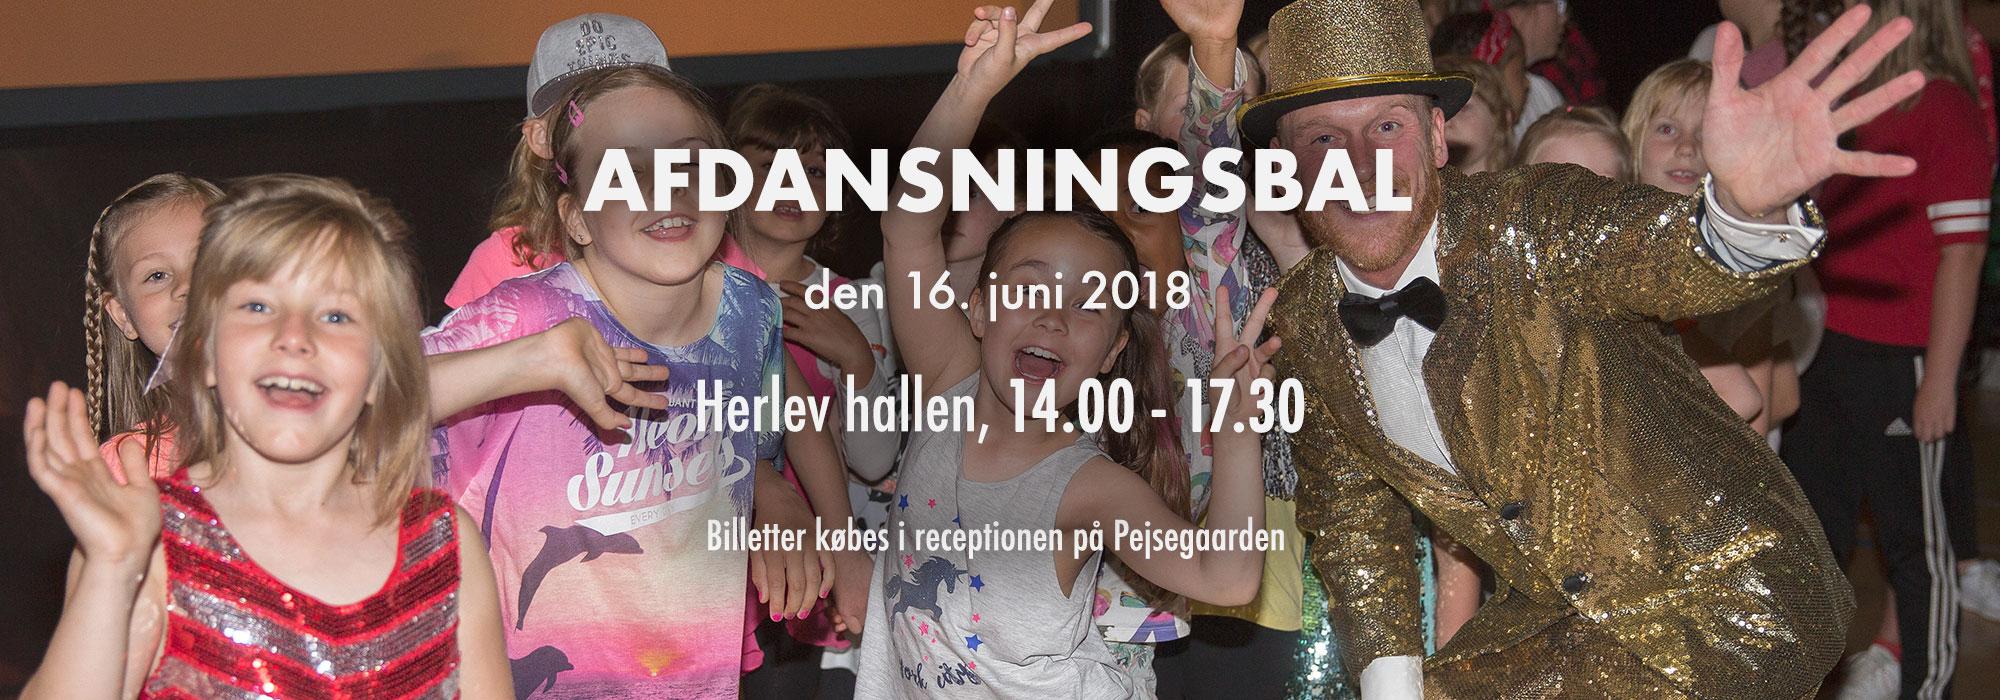 Pejsegaarden-banner-afdansning02